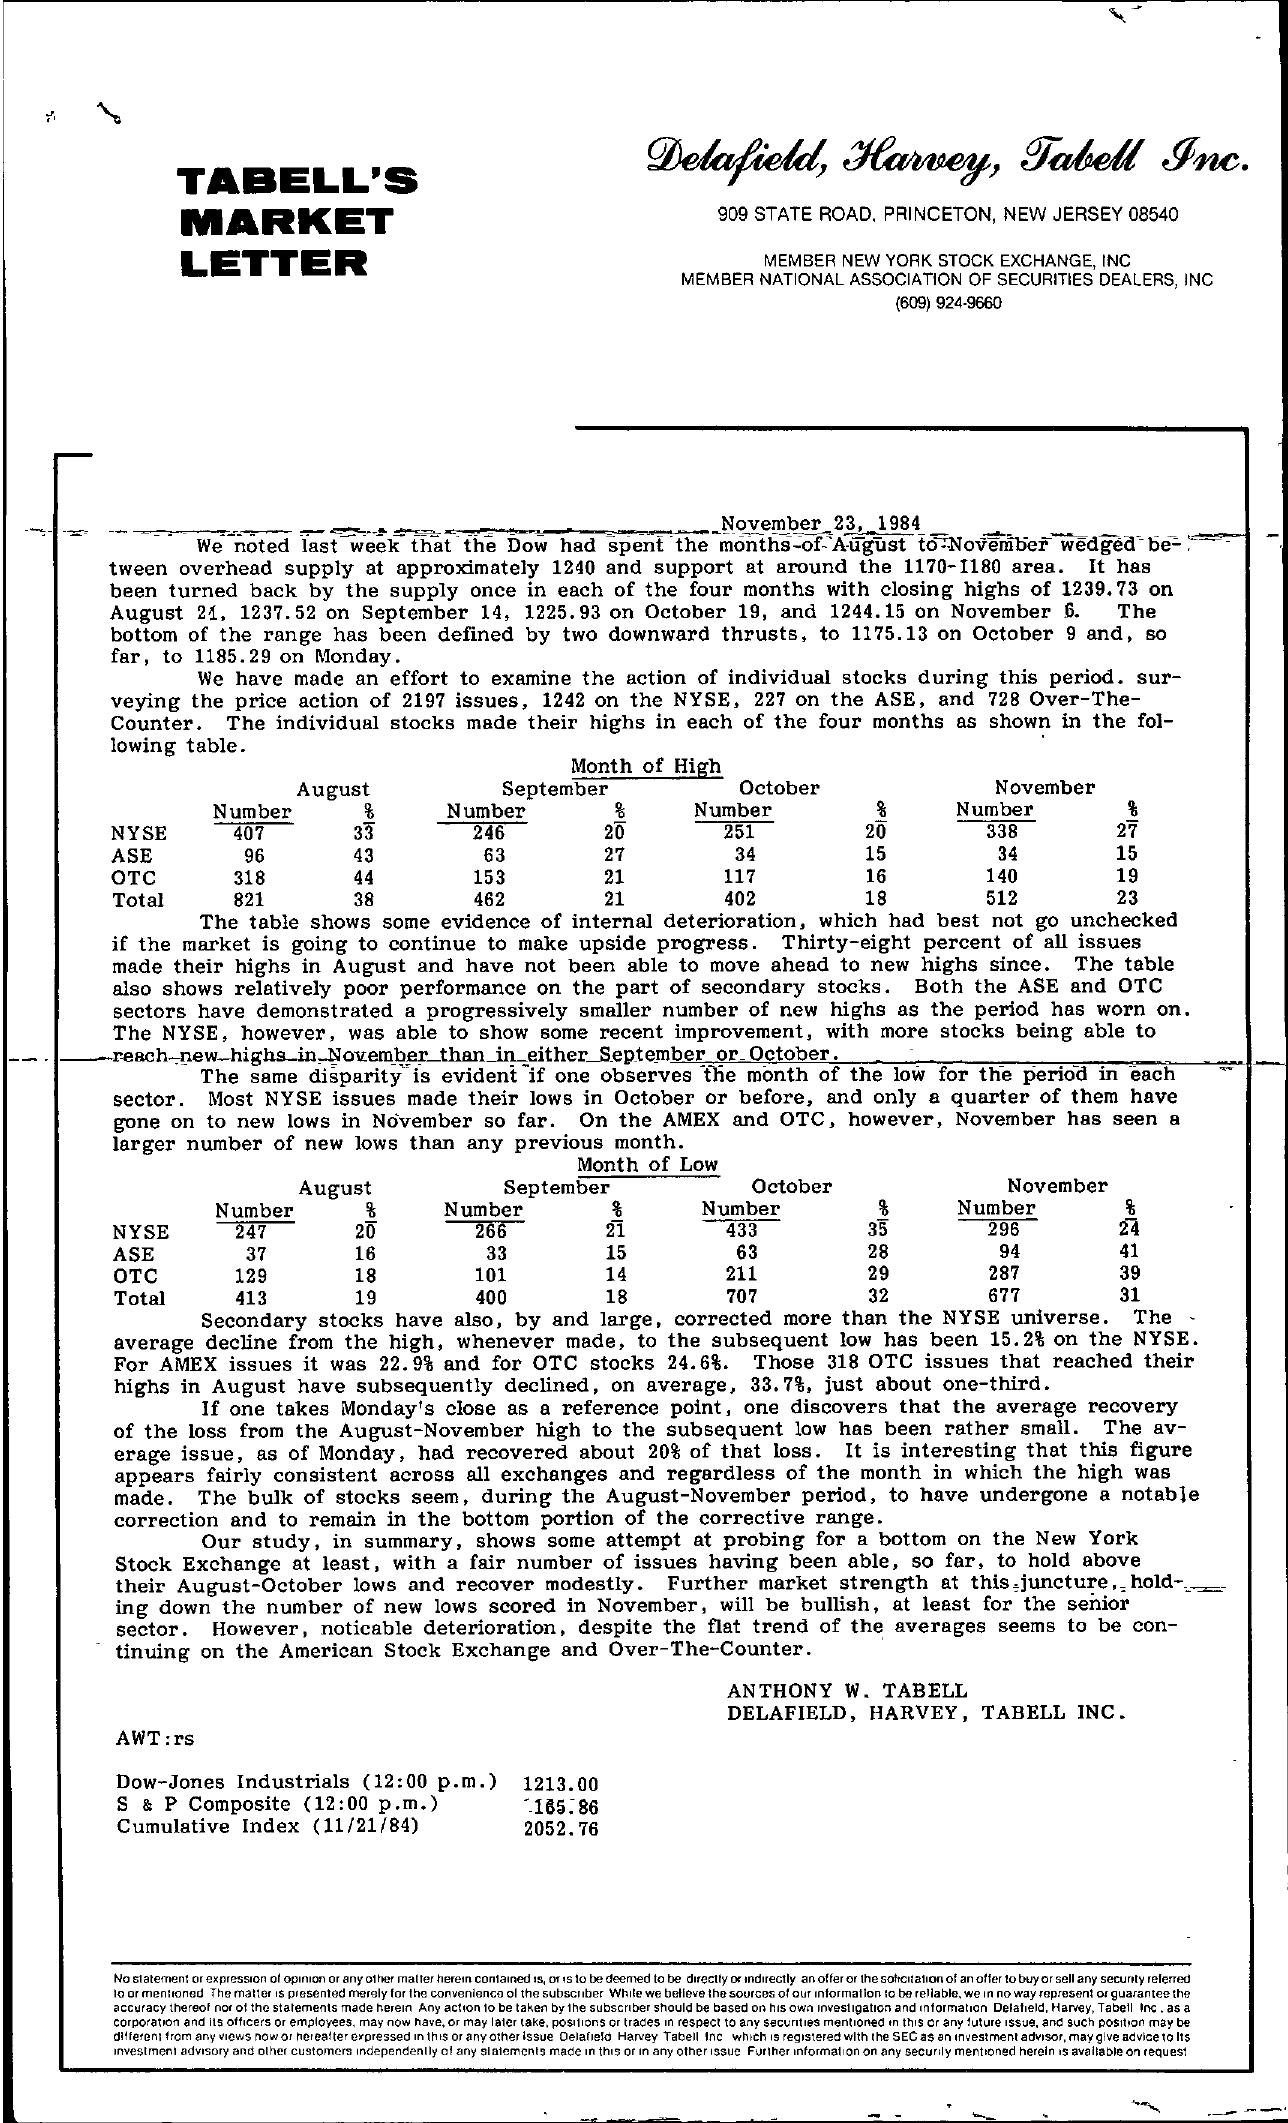 Tabell's Market Letter - November 23, 1984